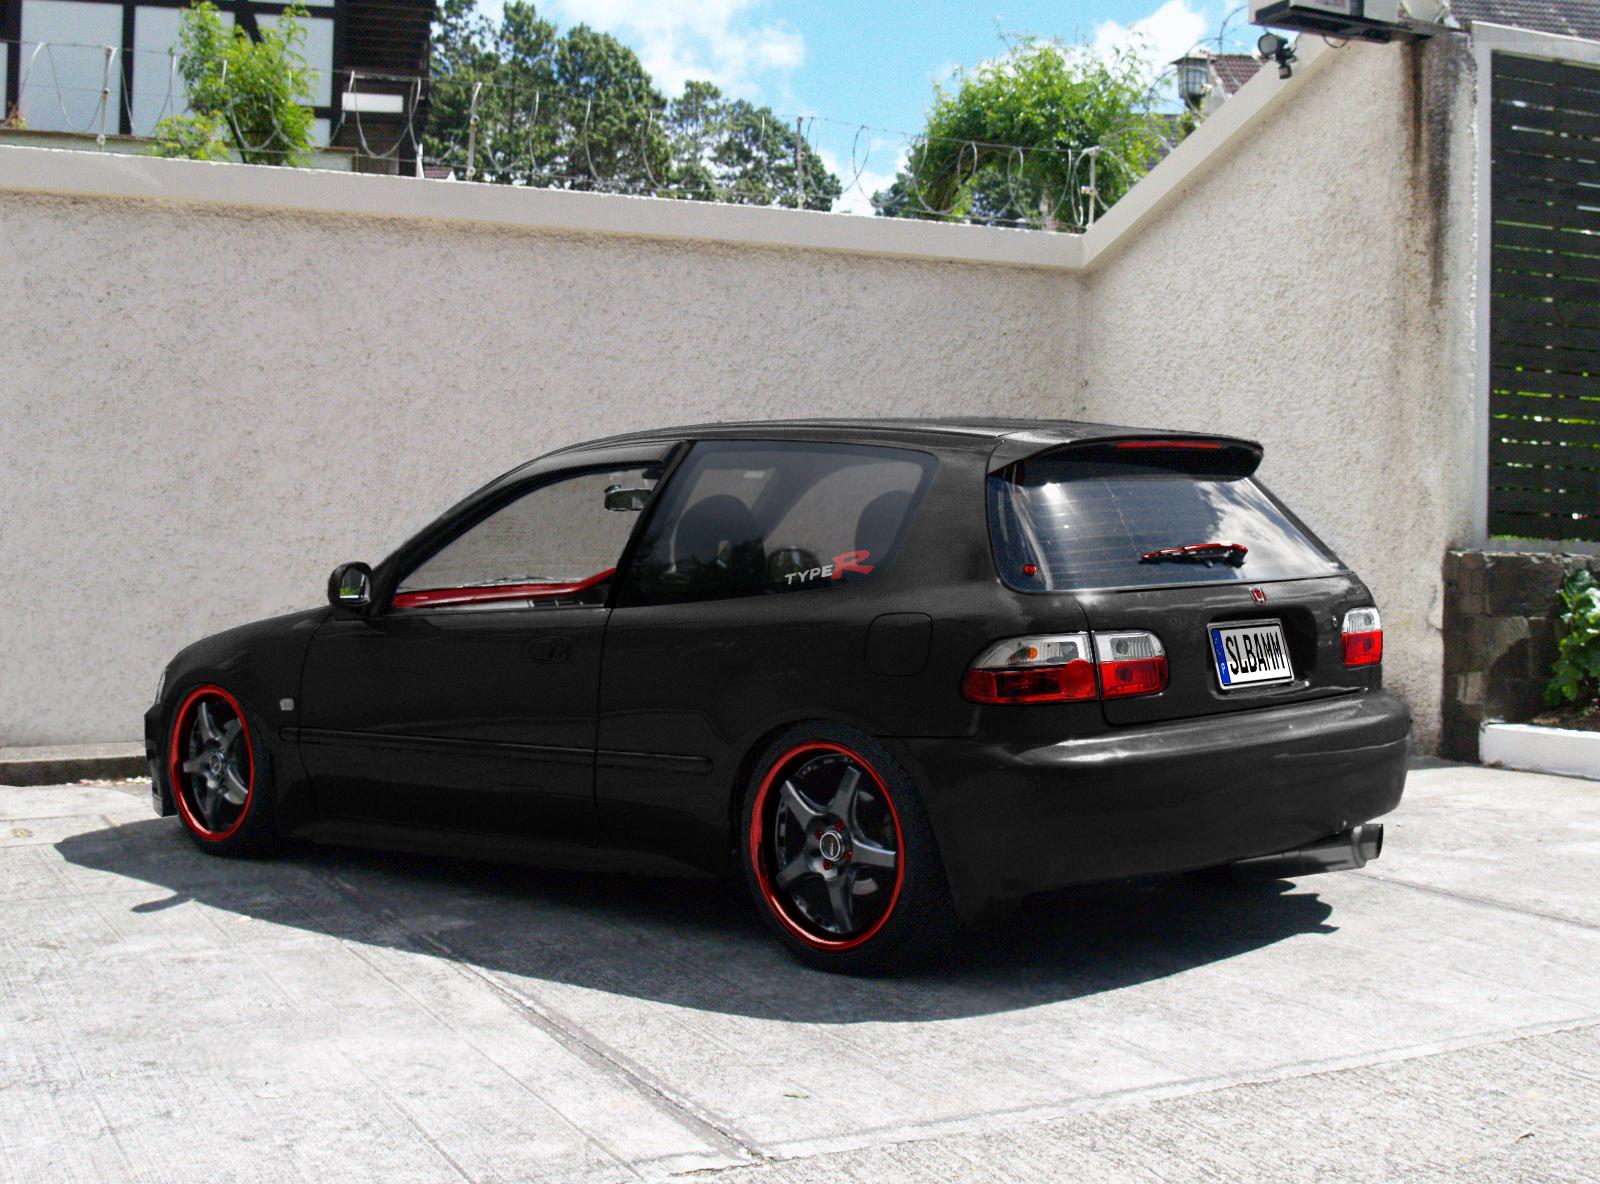 Honda Del Sol Floor Mats 1600 x 1184 · 992 kB · jpeg, 92 Honda Civic Hatchback